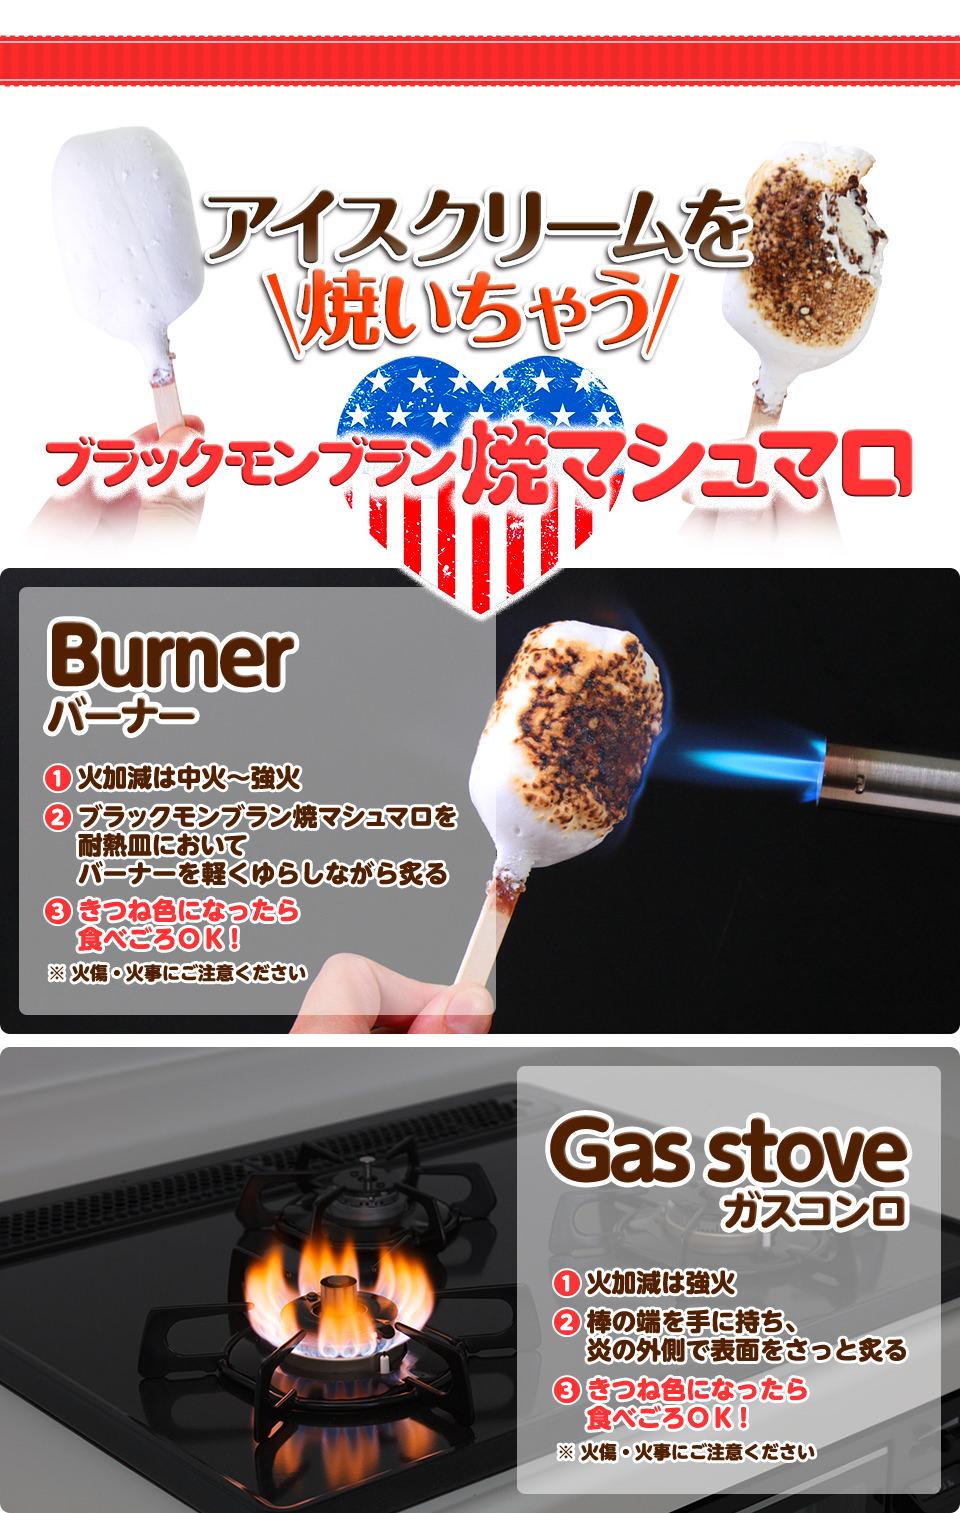 アイスクリームを焼いちゃうブラックモンブラン焼マシュマロ